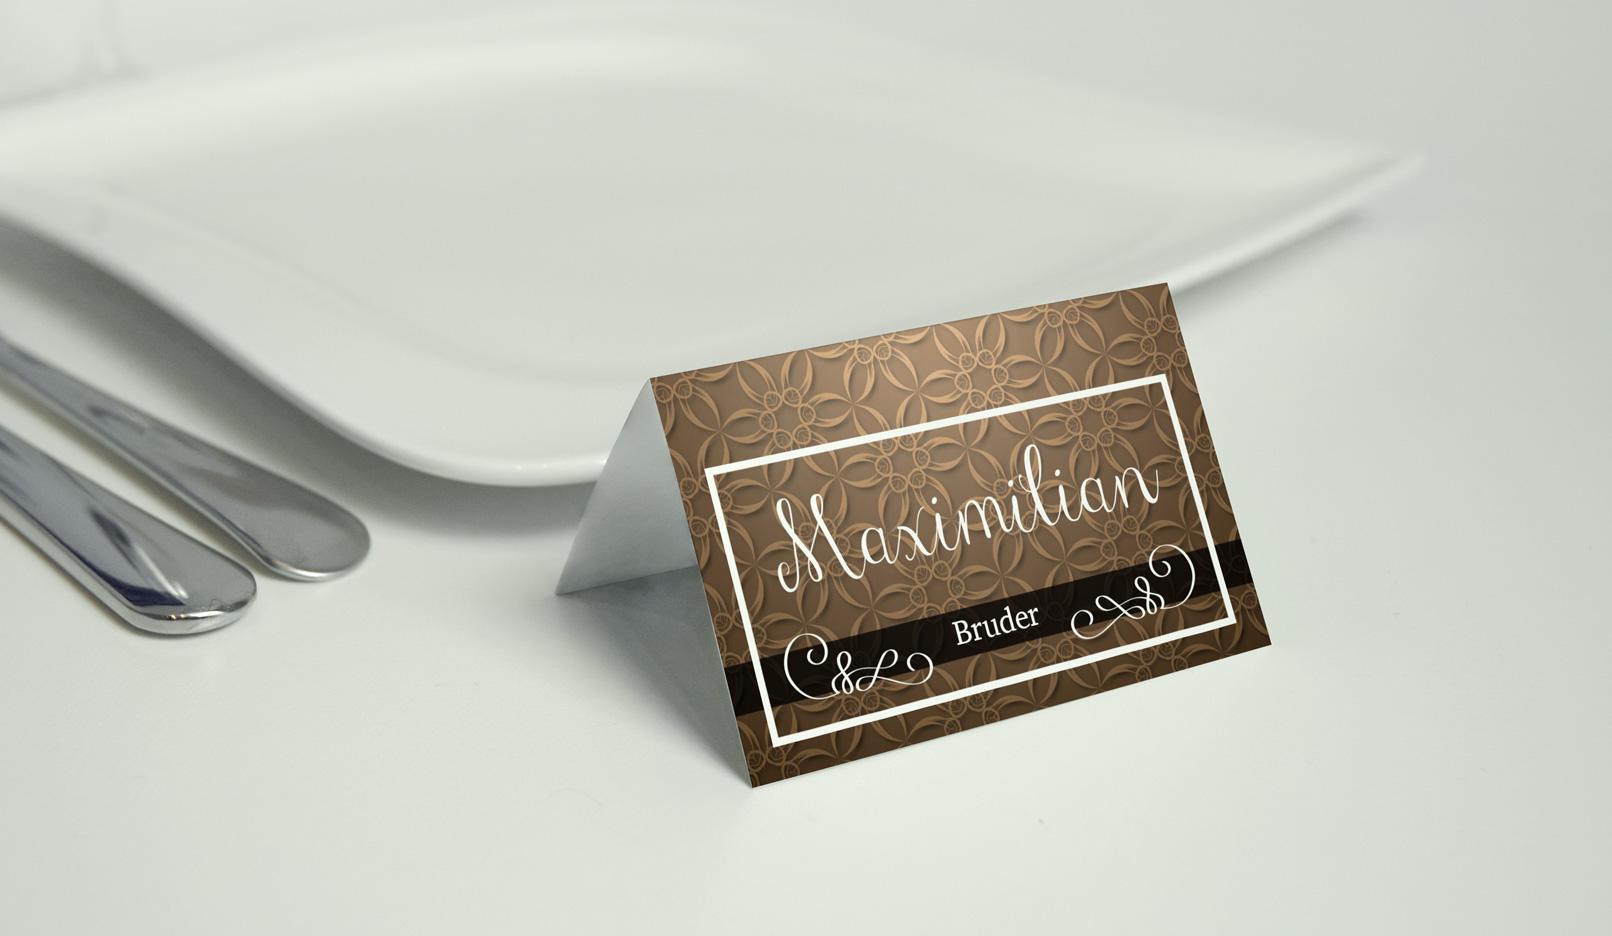 Tischkarte mit einem Hintergrund in Beige